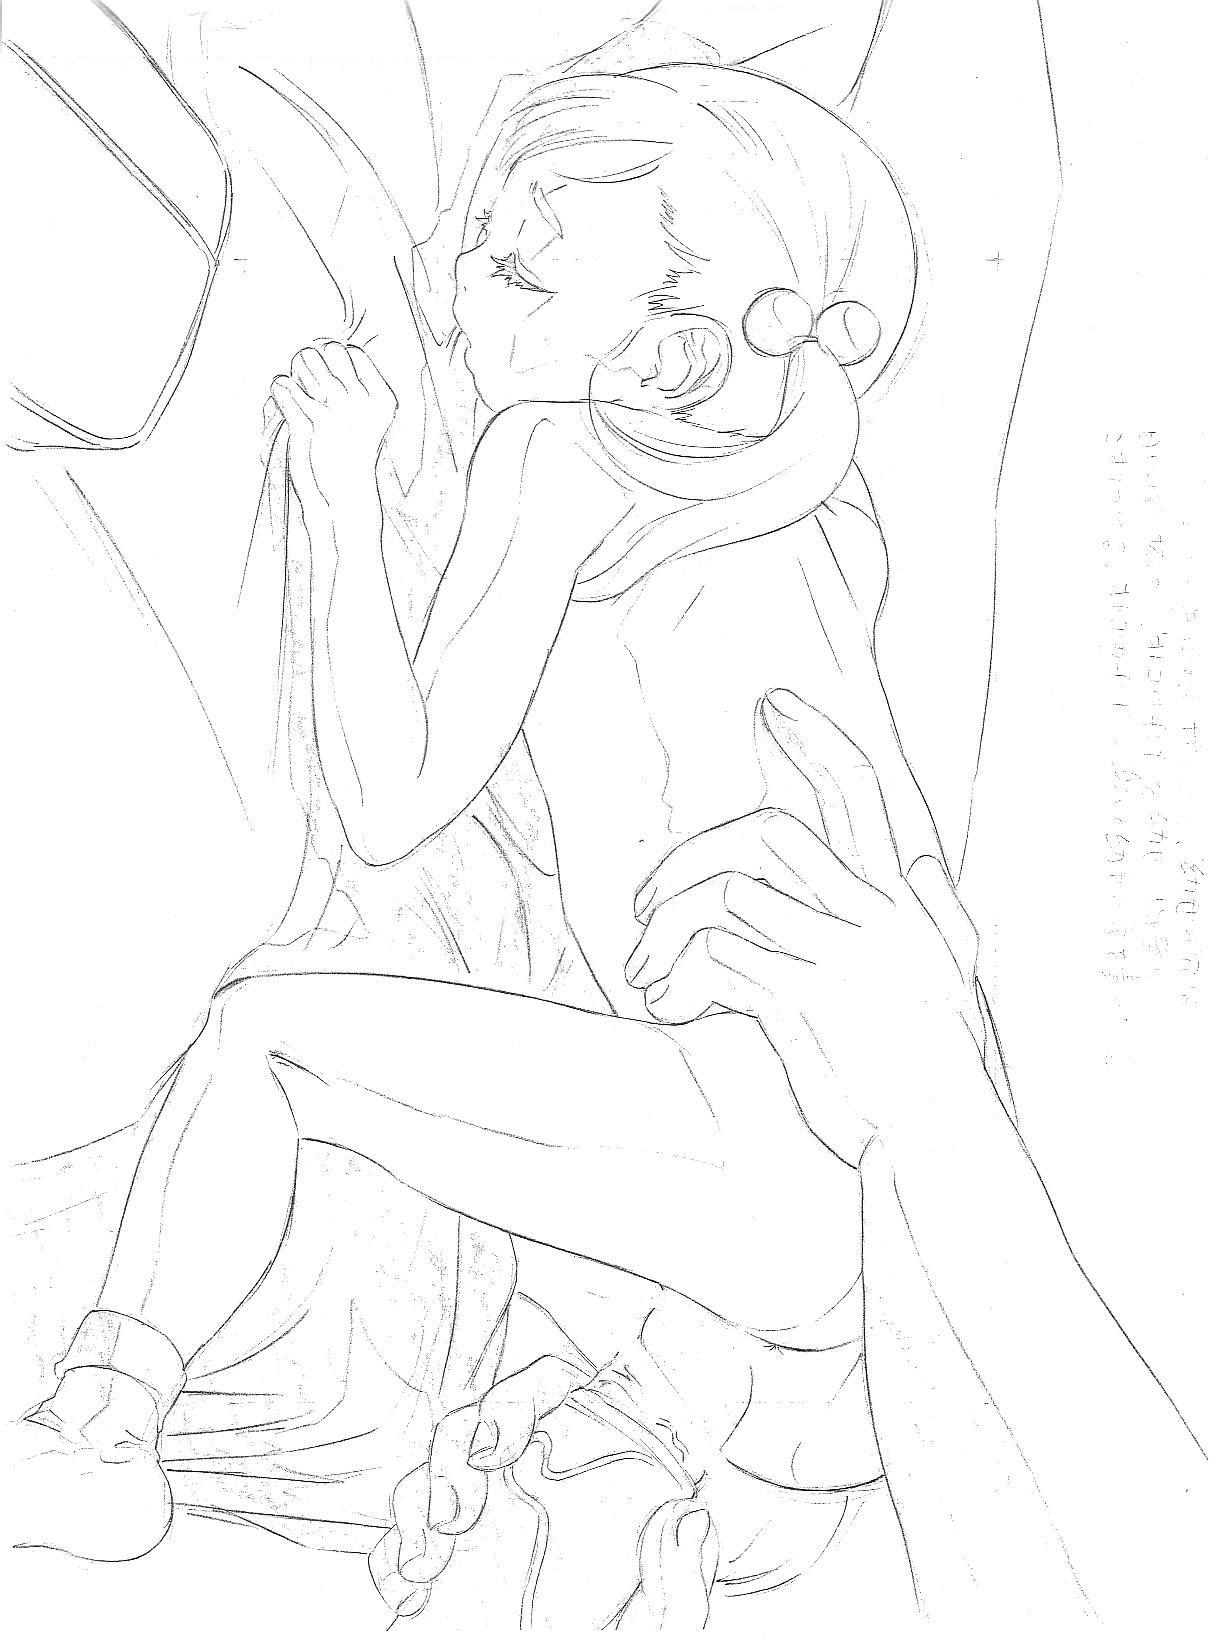 Original Rough Genga Copy Shuu 16